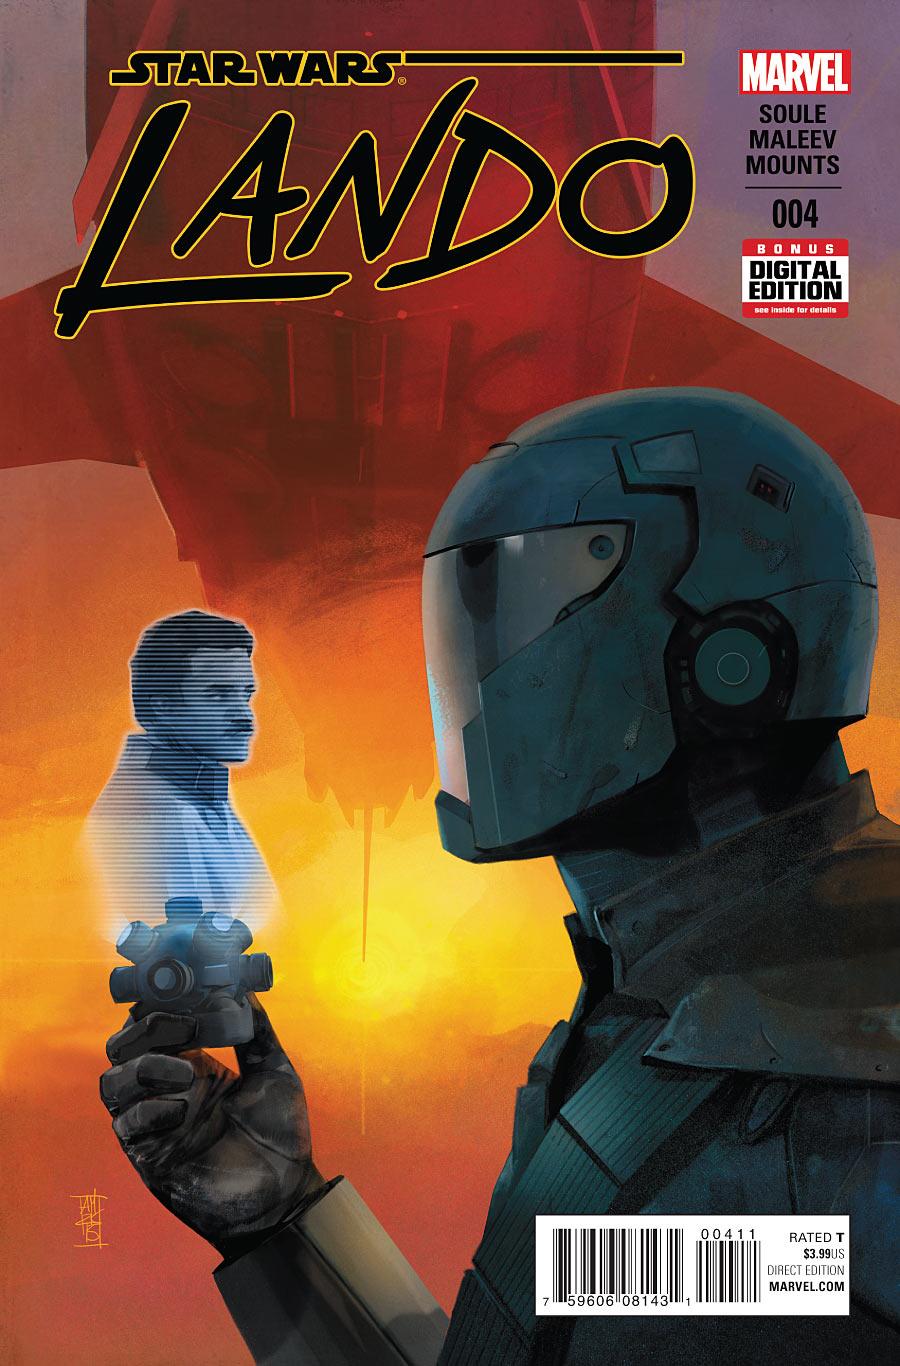 Lando Vol 1 4